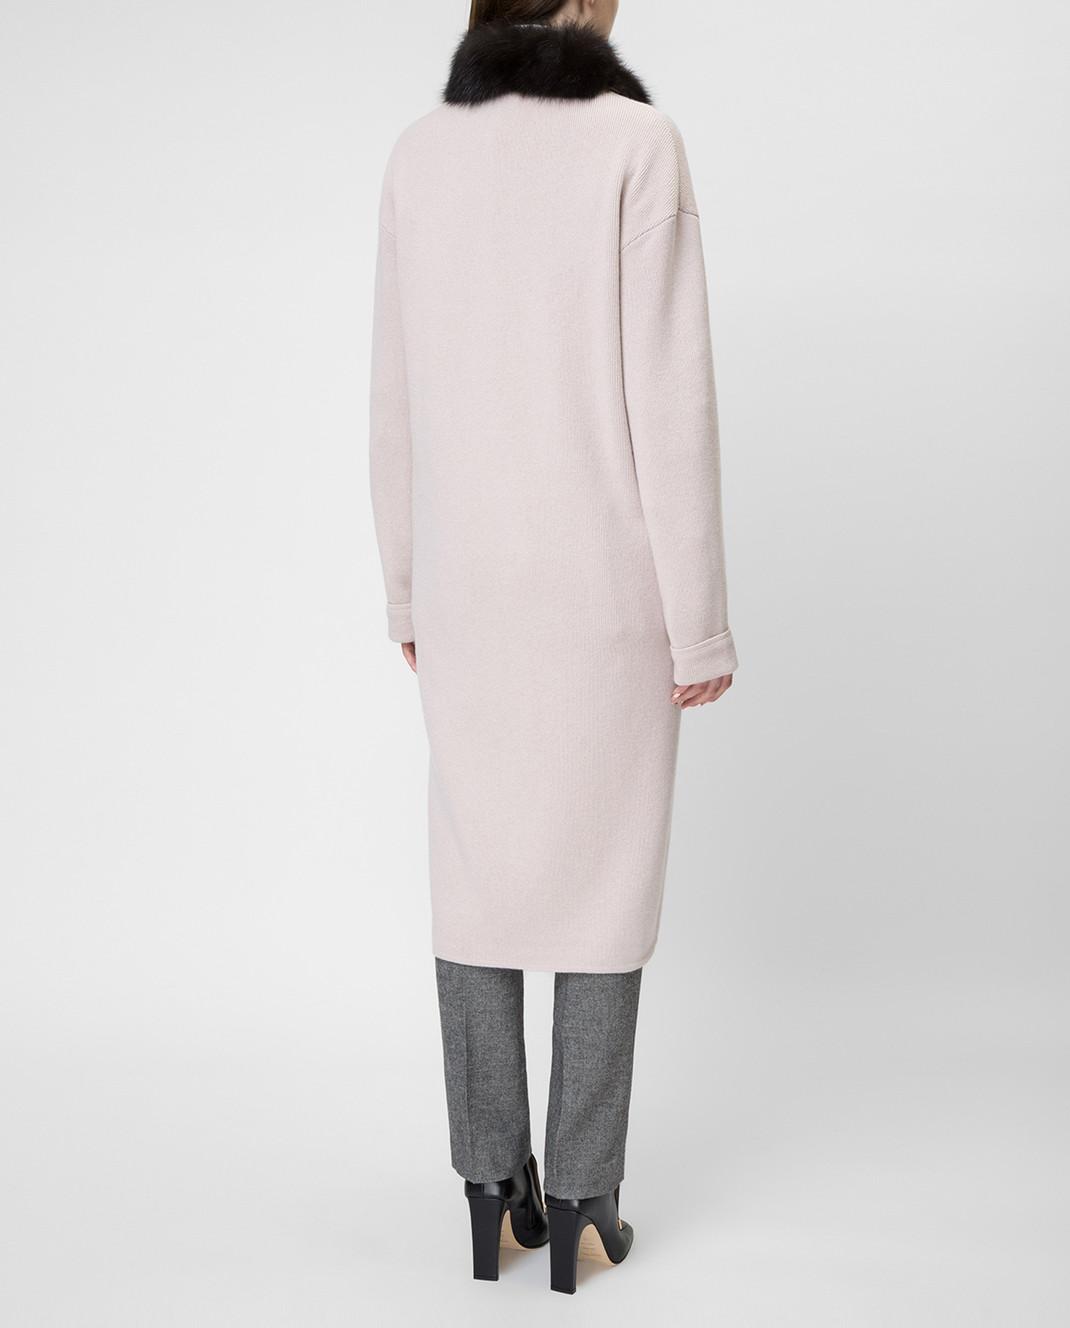 Real Furs House Бежевое пальто CSR01 изображение 4